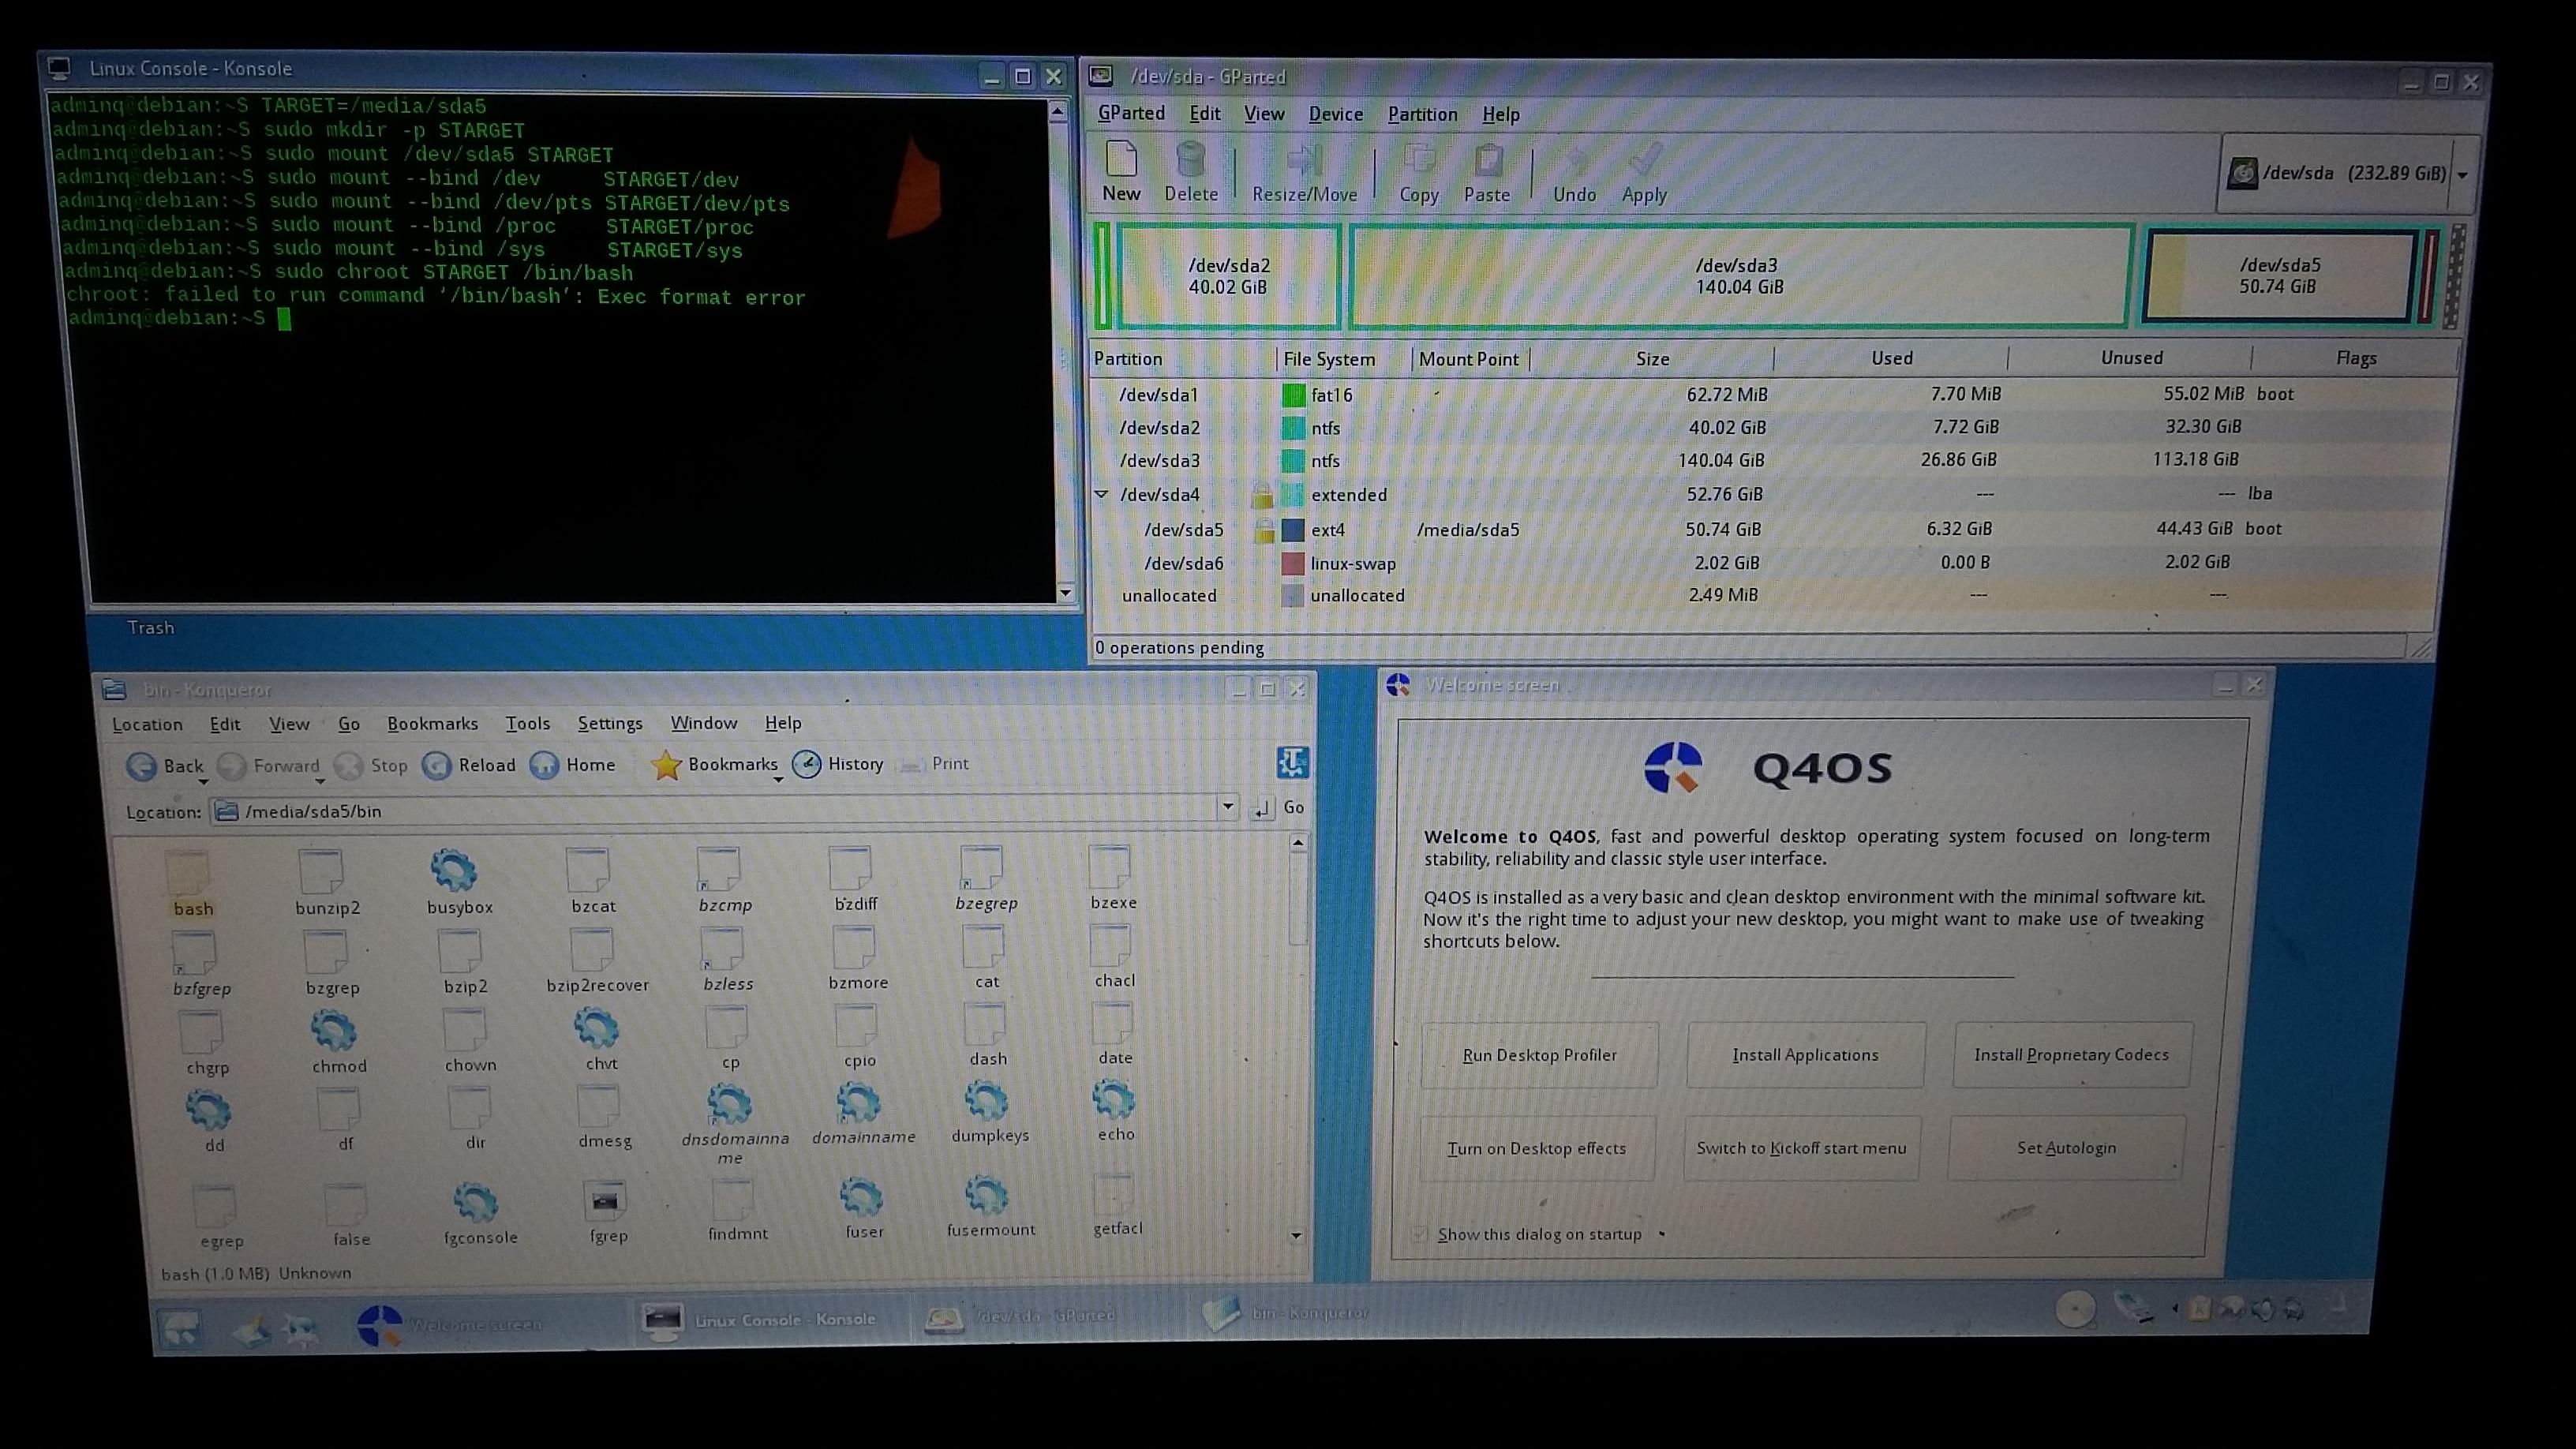 chroot_error.jpg